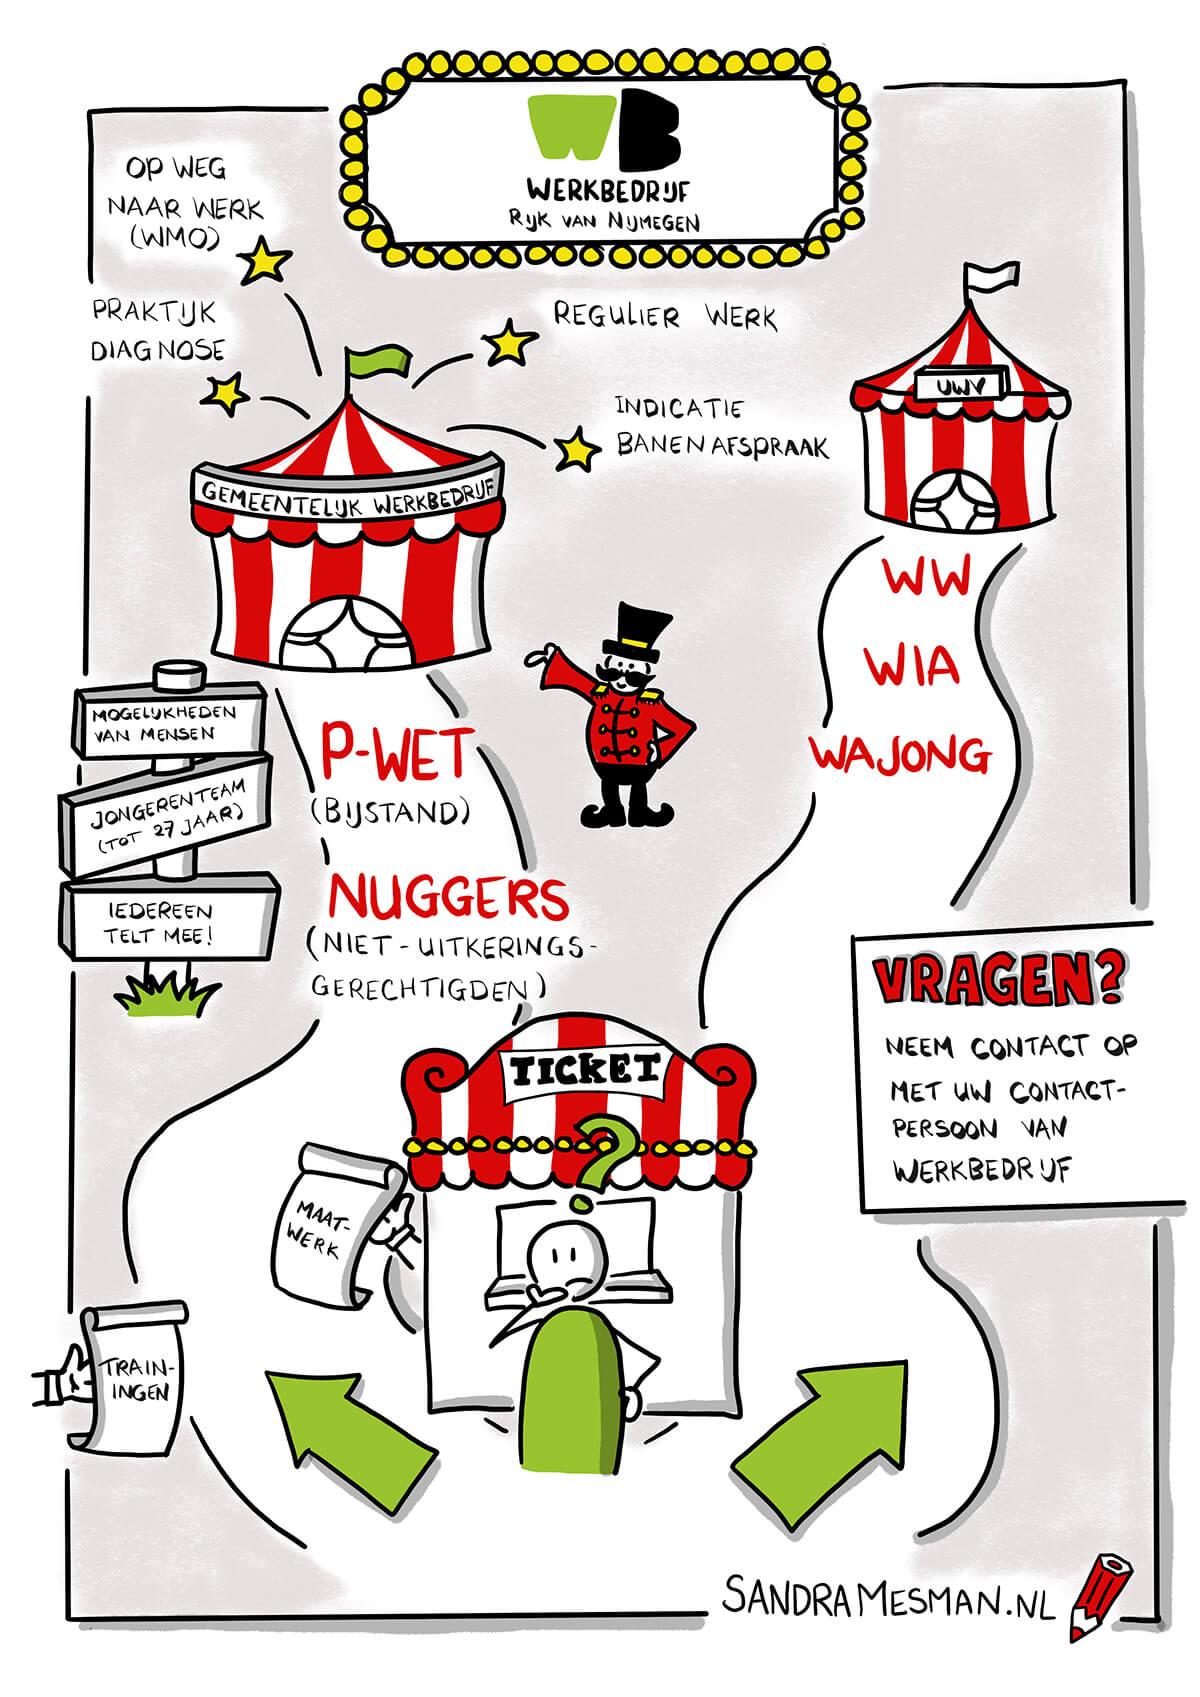 Tekening voor WerkBedrijf Rijk van Nijmegen